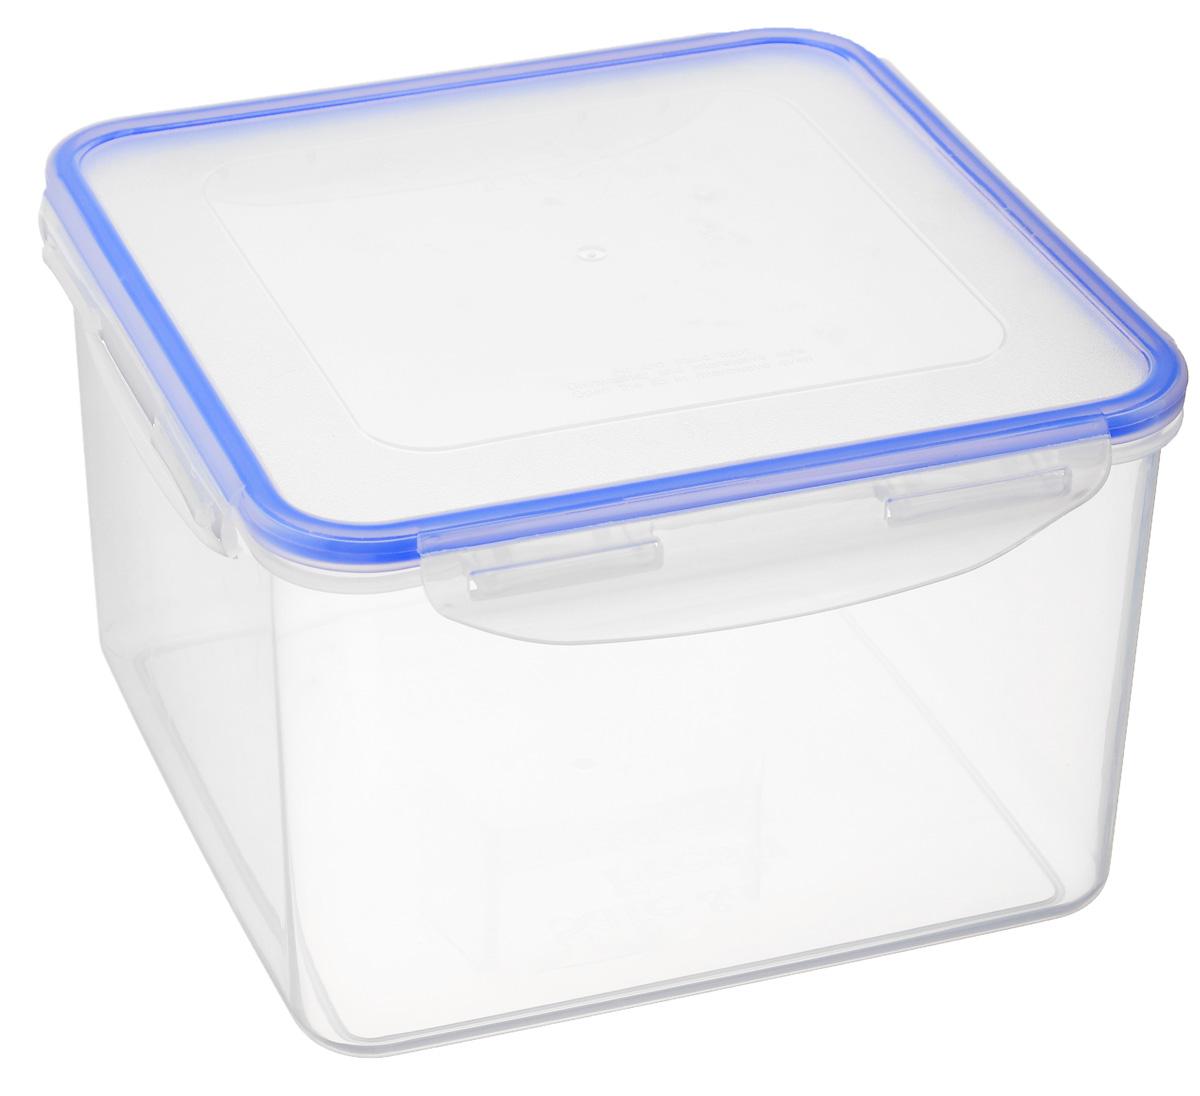 Контейнер пищевой Tek-a-Tek Safe & Fresh, 3,7 лVT-1520(SR)Пищевой контейнер Tek-a-Tek Safe & Fresh изготовлен из пищевого полипропилена (пластика). Стенки прозрачные, что позволяет видеть содержимое. Контейнер снабжен крышкой с 4-сторонними петлями-замками. Силиконовая прокладка на внутренней стороне крышки обеспечивает герметичность, препятствует попаданию внутрь воды. Контейнер обладает абсолютной нетоксичностью при любом температурном режиме. Можно использовать в посудомоечной машине, в микроволновой печи( без крышки) до 3 минут, замораживать до -40°С и размораживать различные продукты без потери вкусовых качеств.